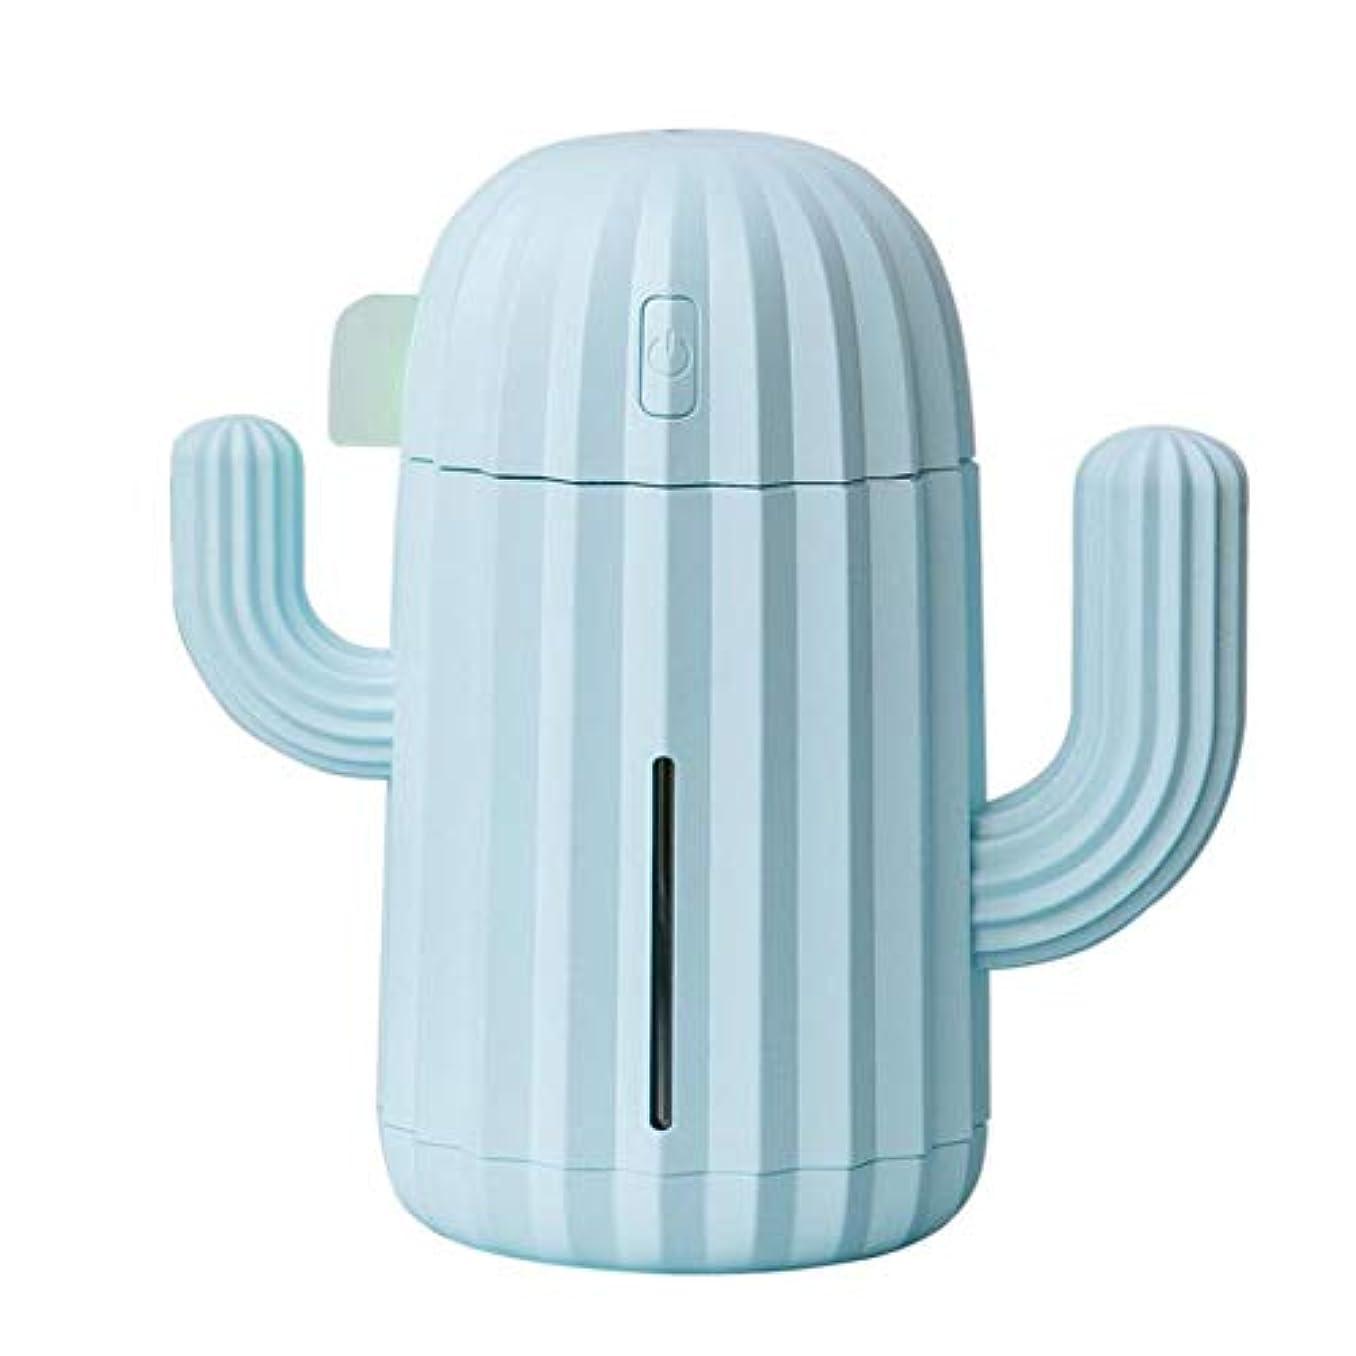 健康的肉の温度計アロマディフューザー 卓上加湿器 サボテン形 大容量 340ml USB充電式 ライト付き 間接照明 部屋、会社、ヨガなど場所適用 3色選べる Styleshow